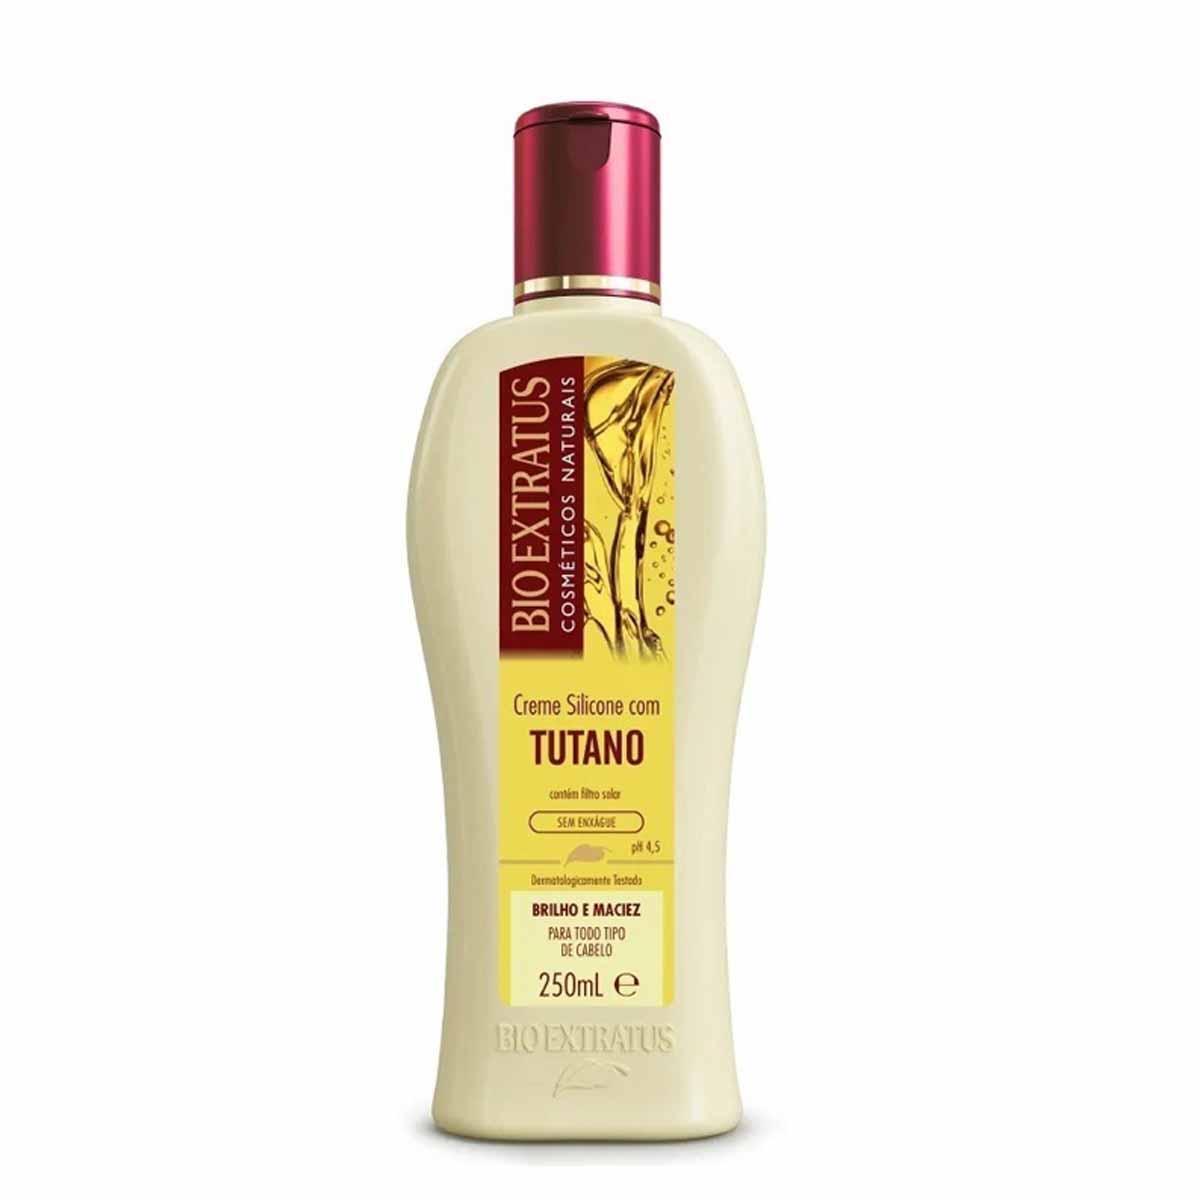 Bio Extratus Tutano Creme de Silicone 250ml